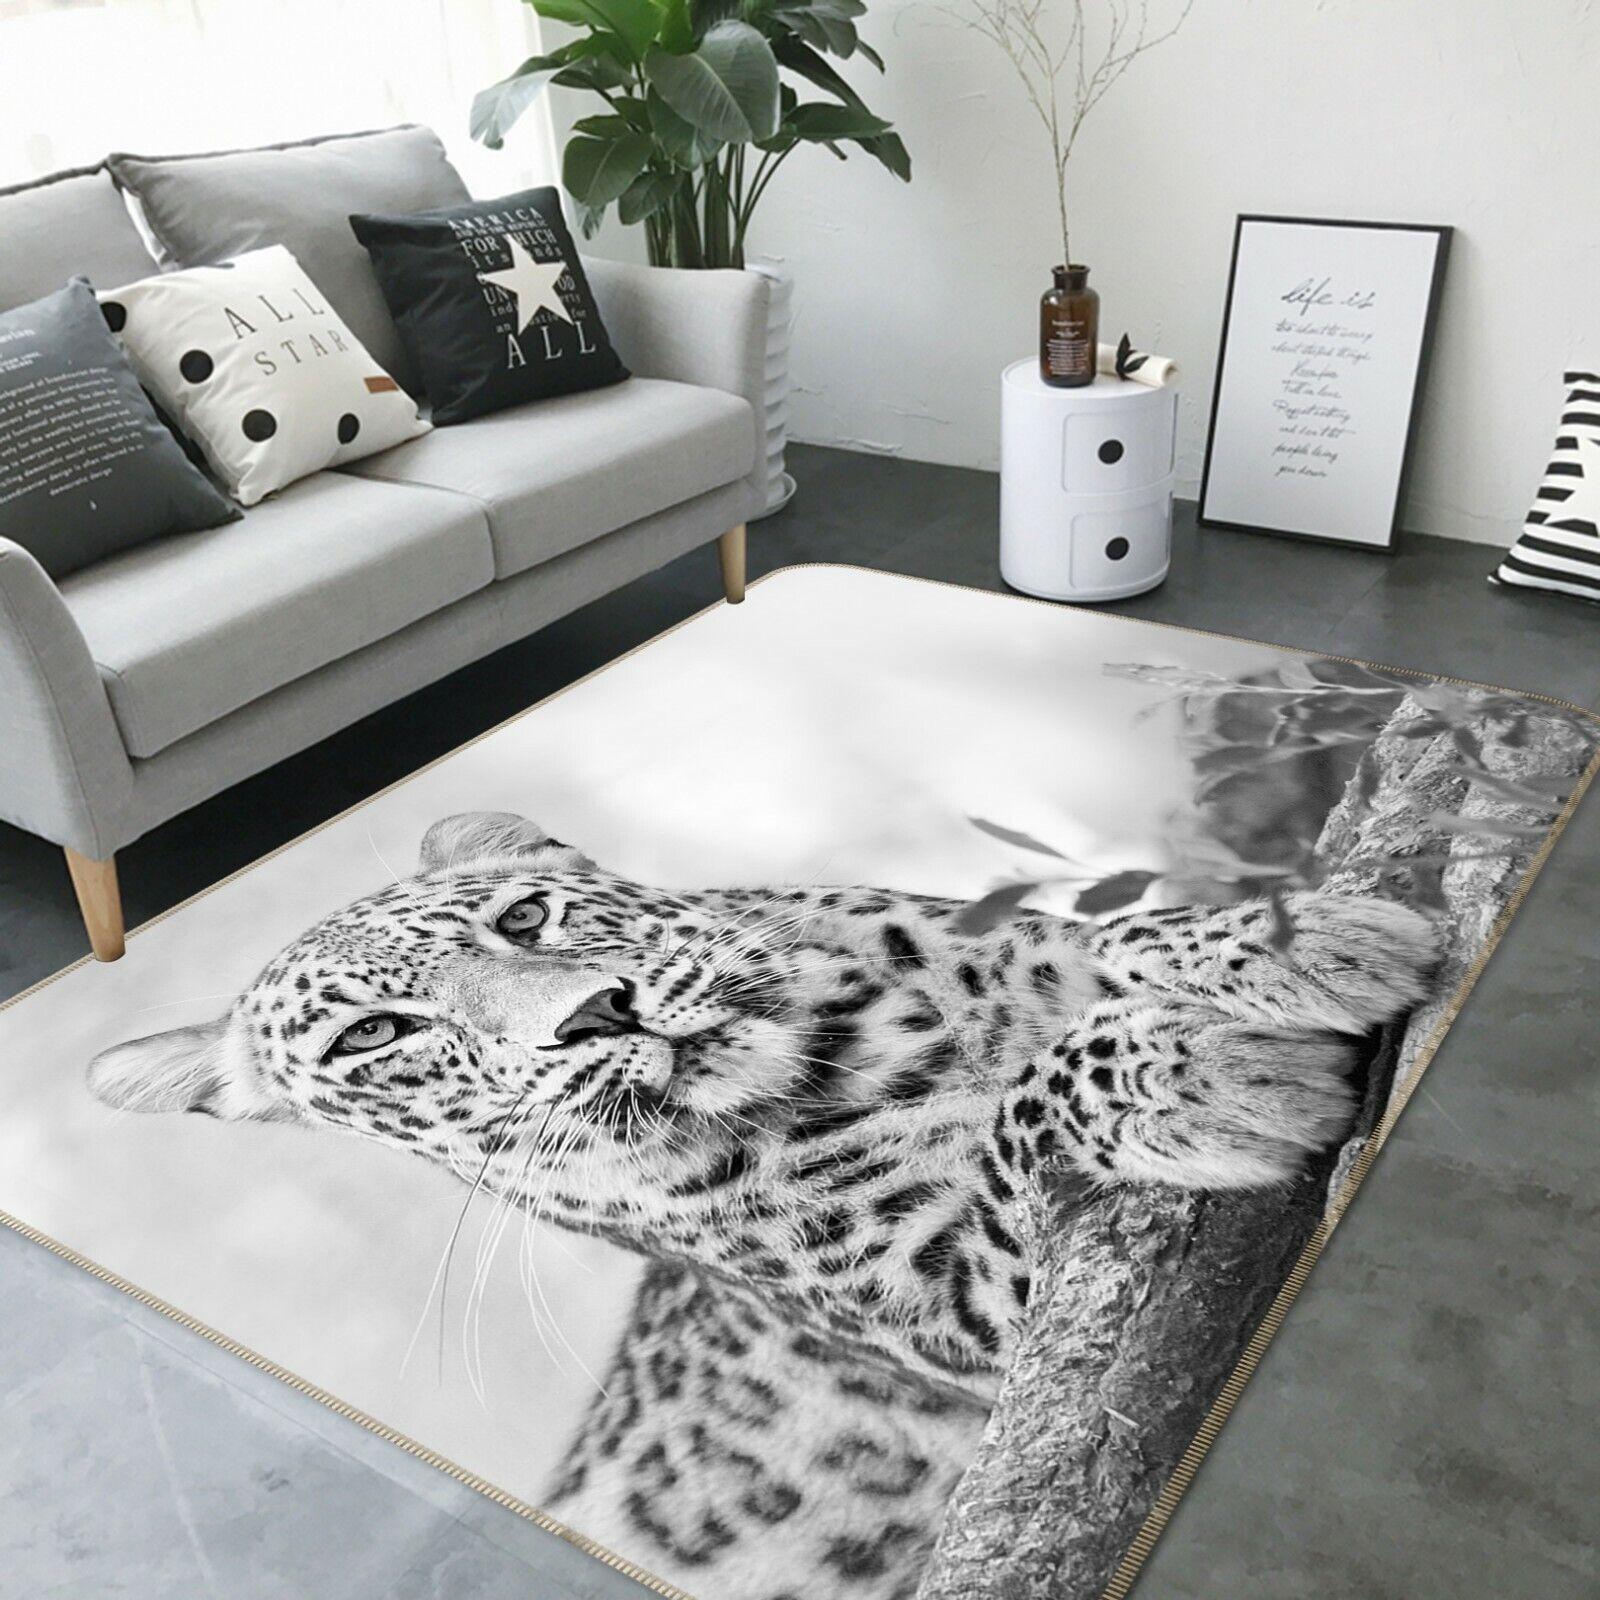 3d a102 leopard animale gioco antiscivolo tappeto elegante foto TAPPETO Wendy